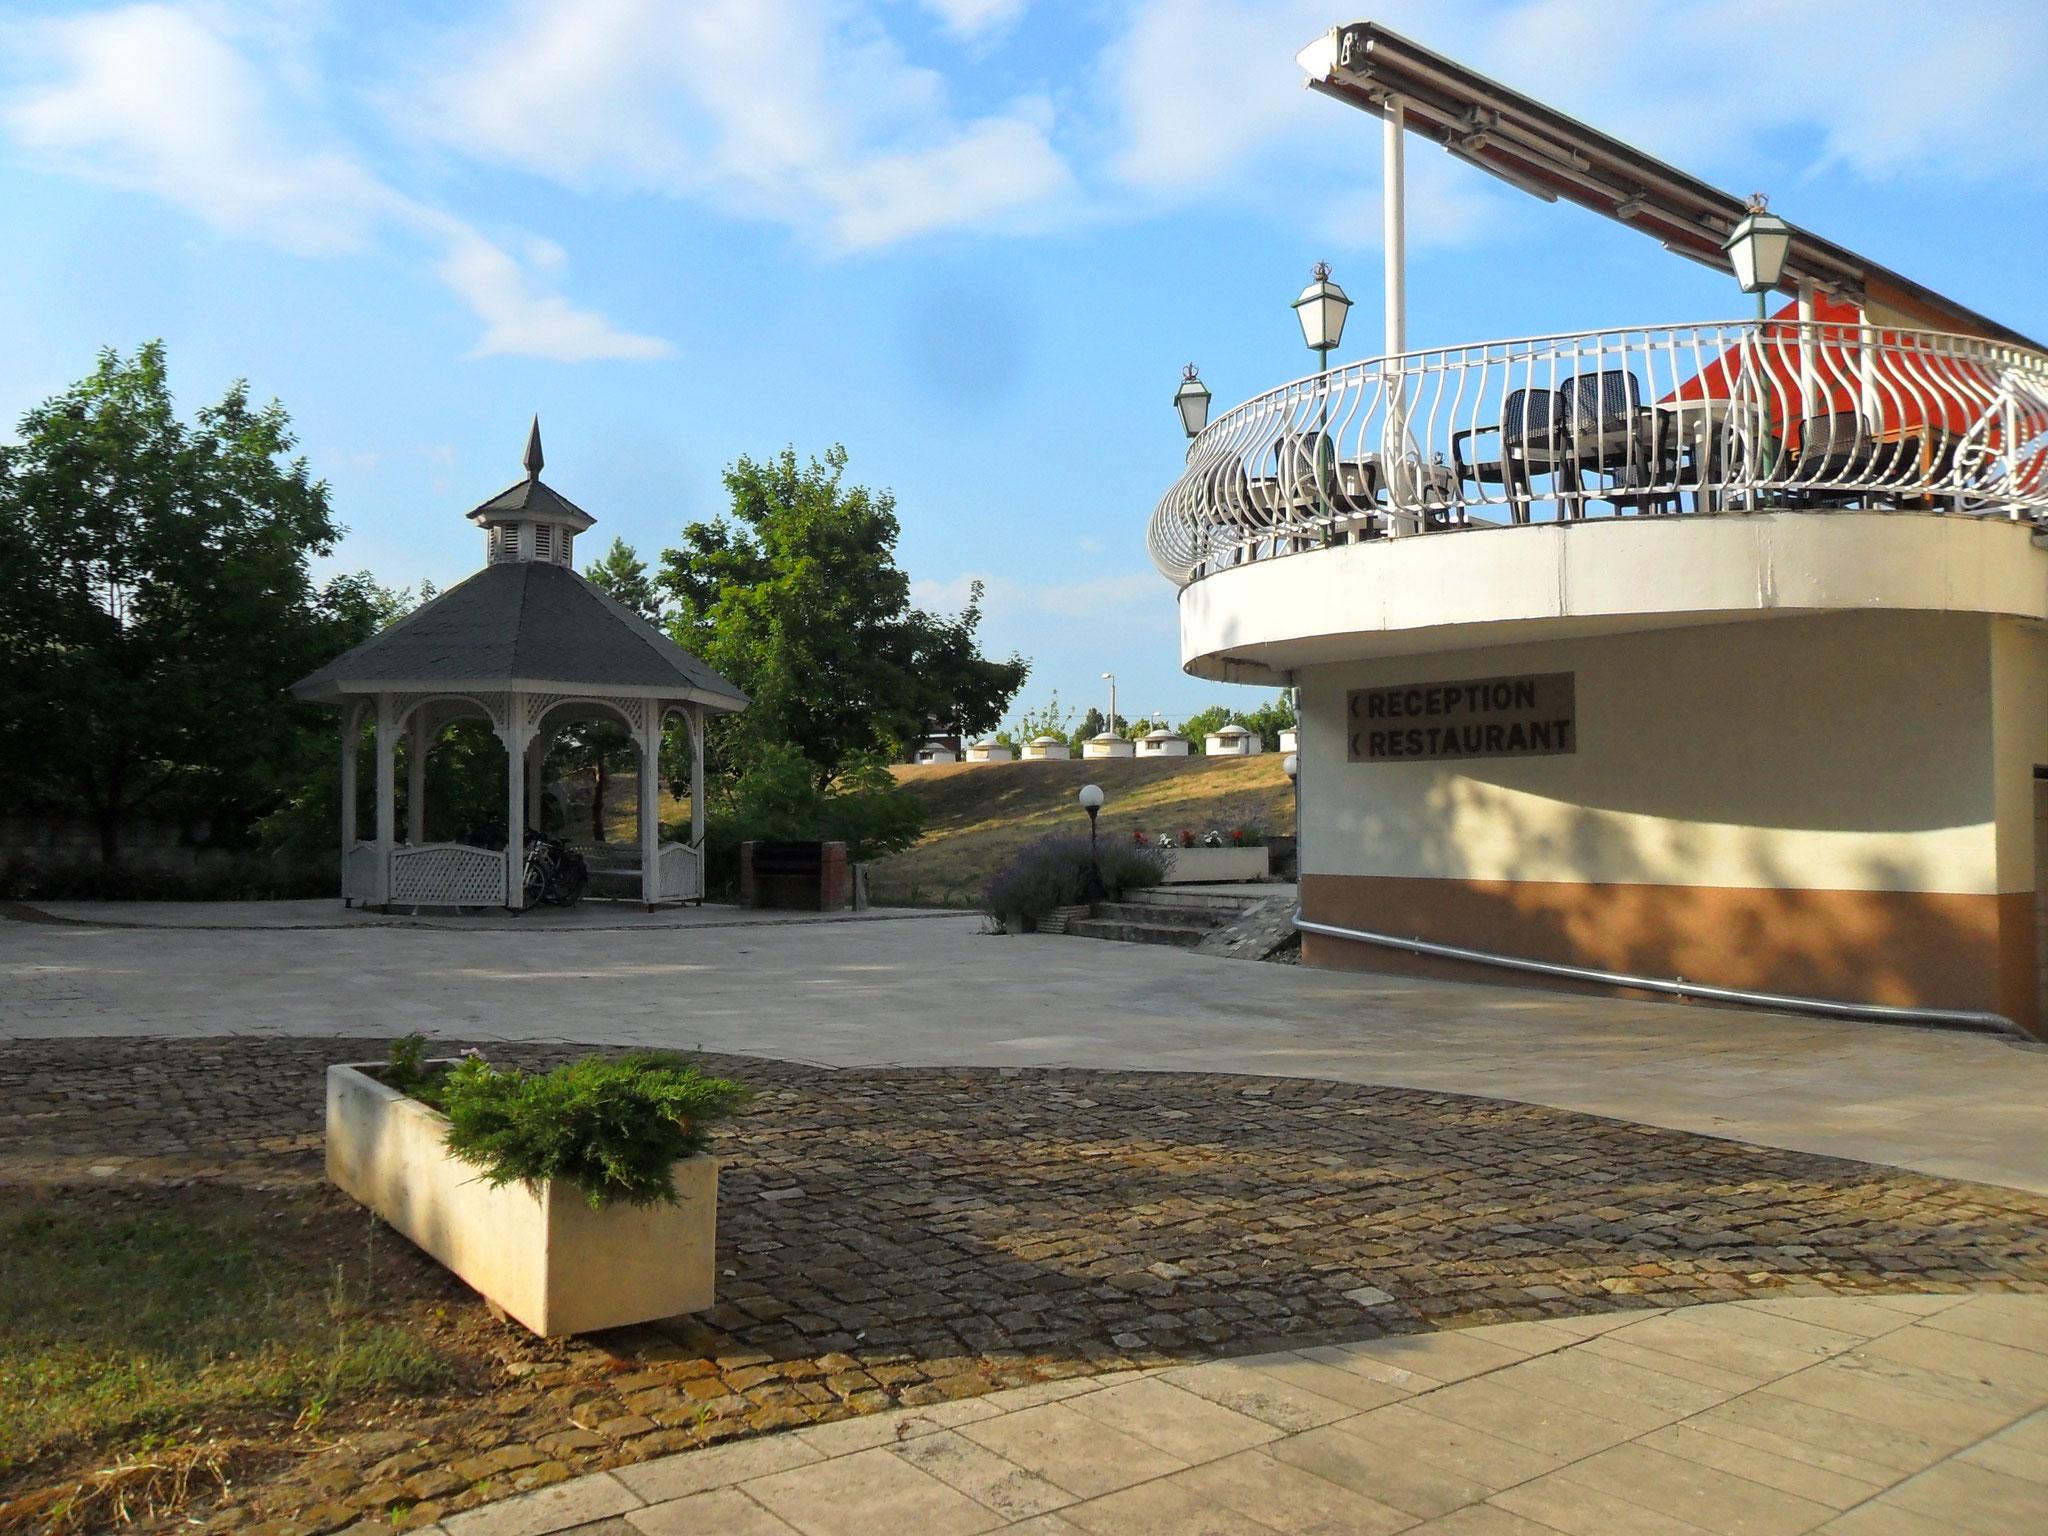 hinter dem Pavillon ist ein kleiner Froschteich und ein Maulbeerbaum